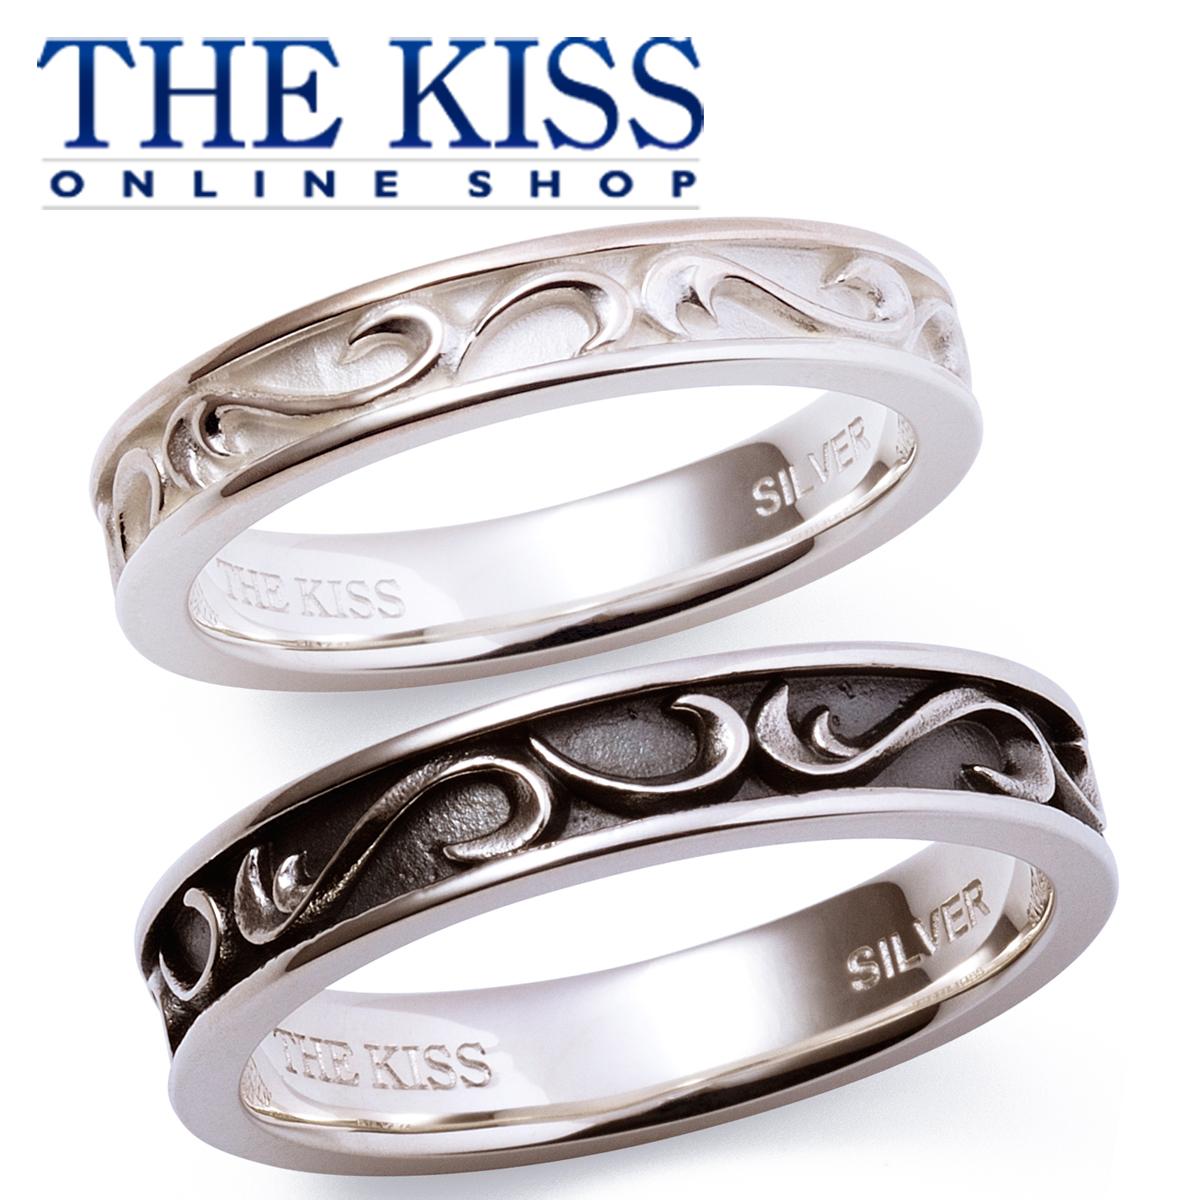 【あす楽対応】THE KISS 公式サイト シルバー ペアリング ペアアクセサリー カップル に 人気 の ジュエリーブランド THEKISS ペア リング・指輪 記念日 プレゼント SR6100WH-6101BK セット シンプル ザキス